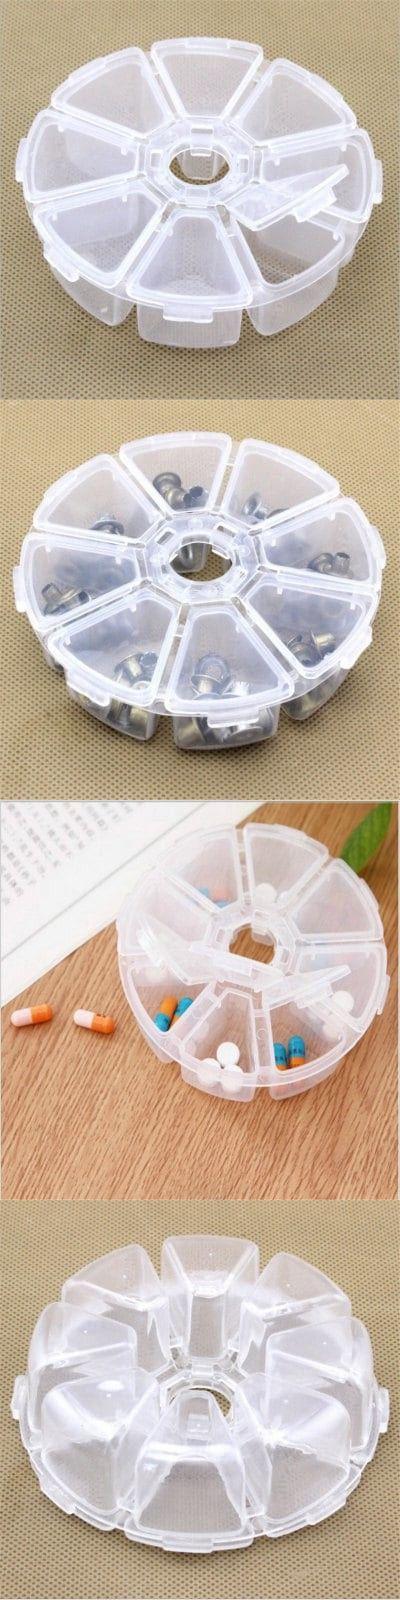 8 lattice plastic multi-functional receiving box 10CM X 10CM X 2.5CM-$1.4